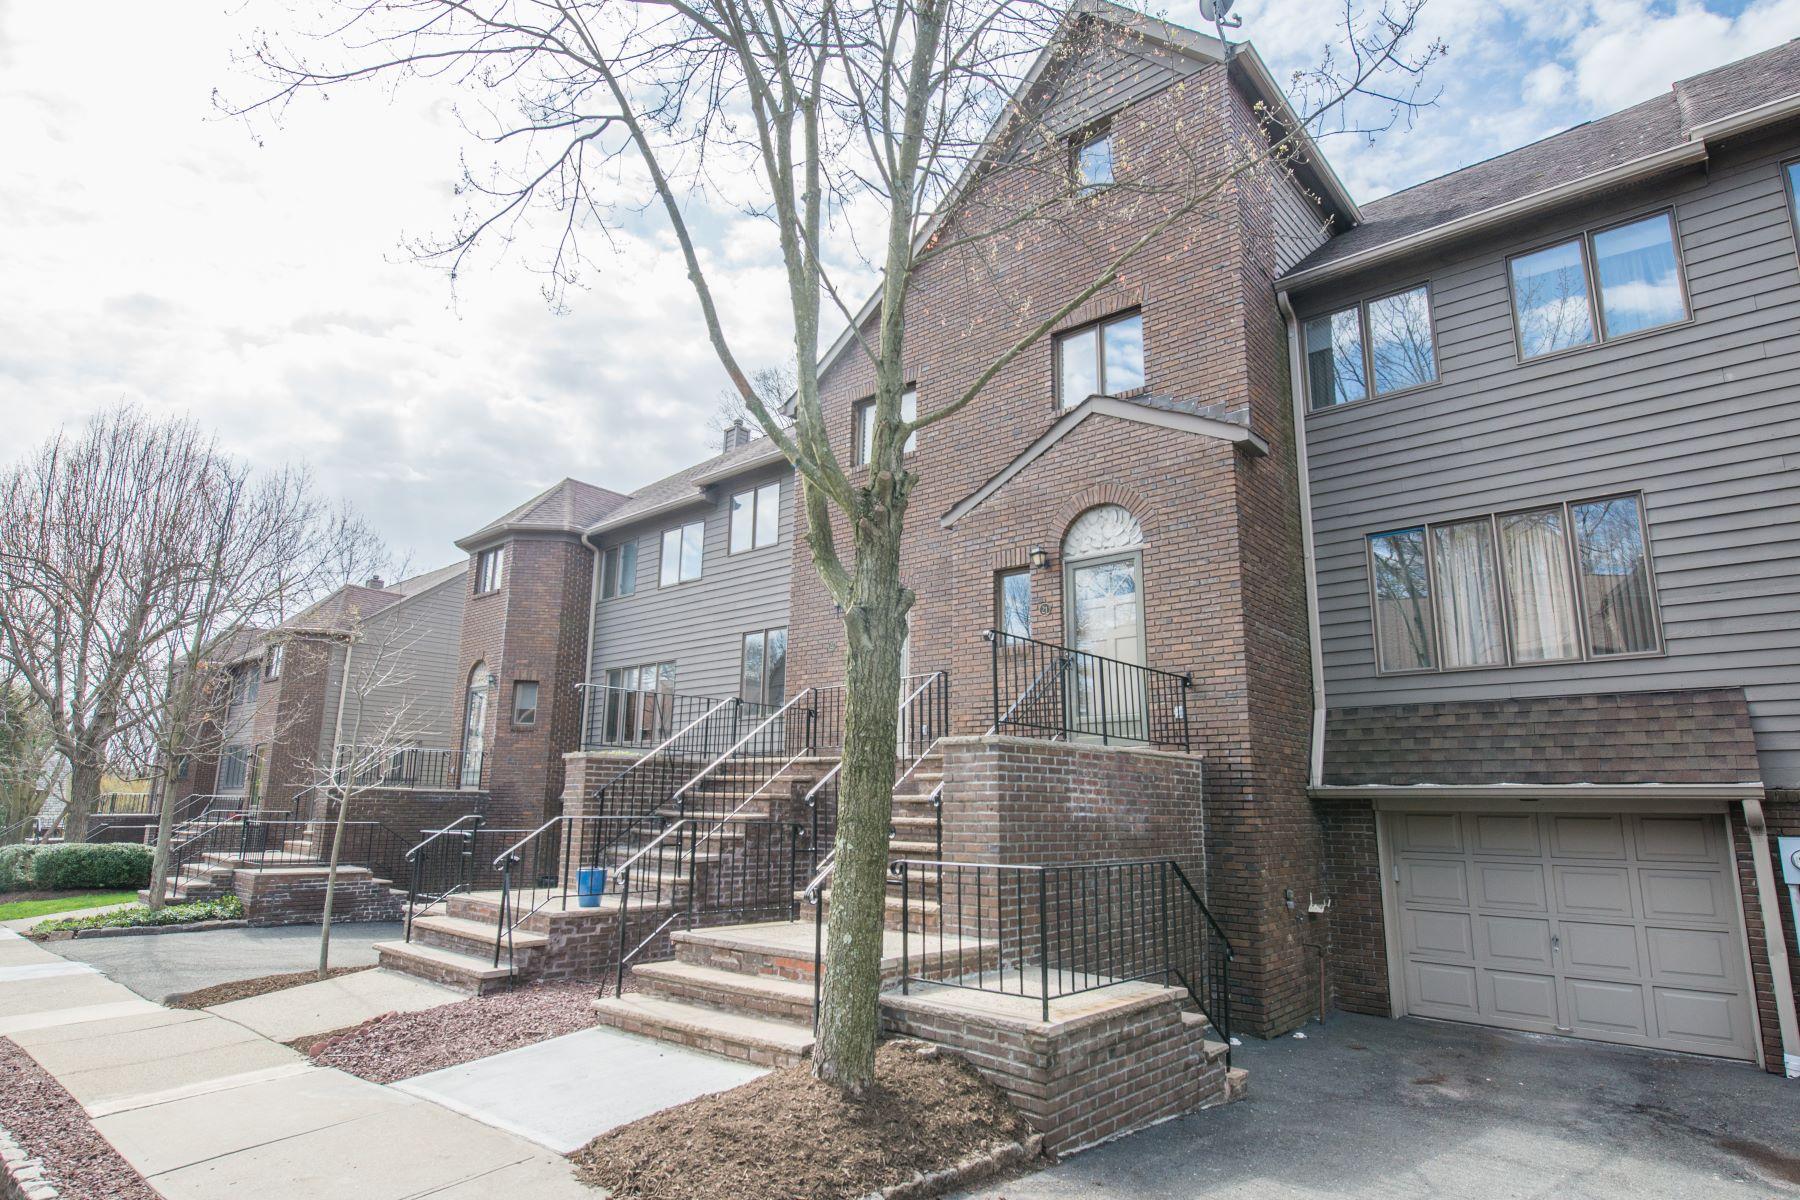 联栋屋 为 销售 在 Great Location 21 Village Green Ct 南奥林奇, 新泽西州, 07079 美国